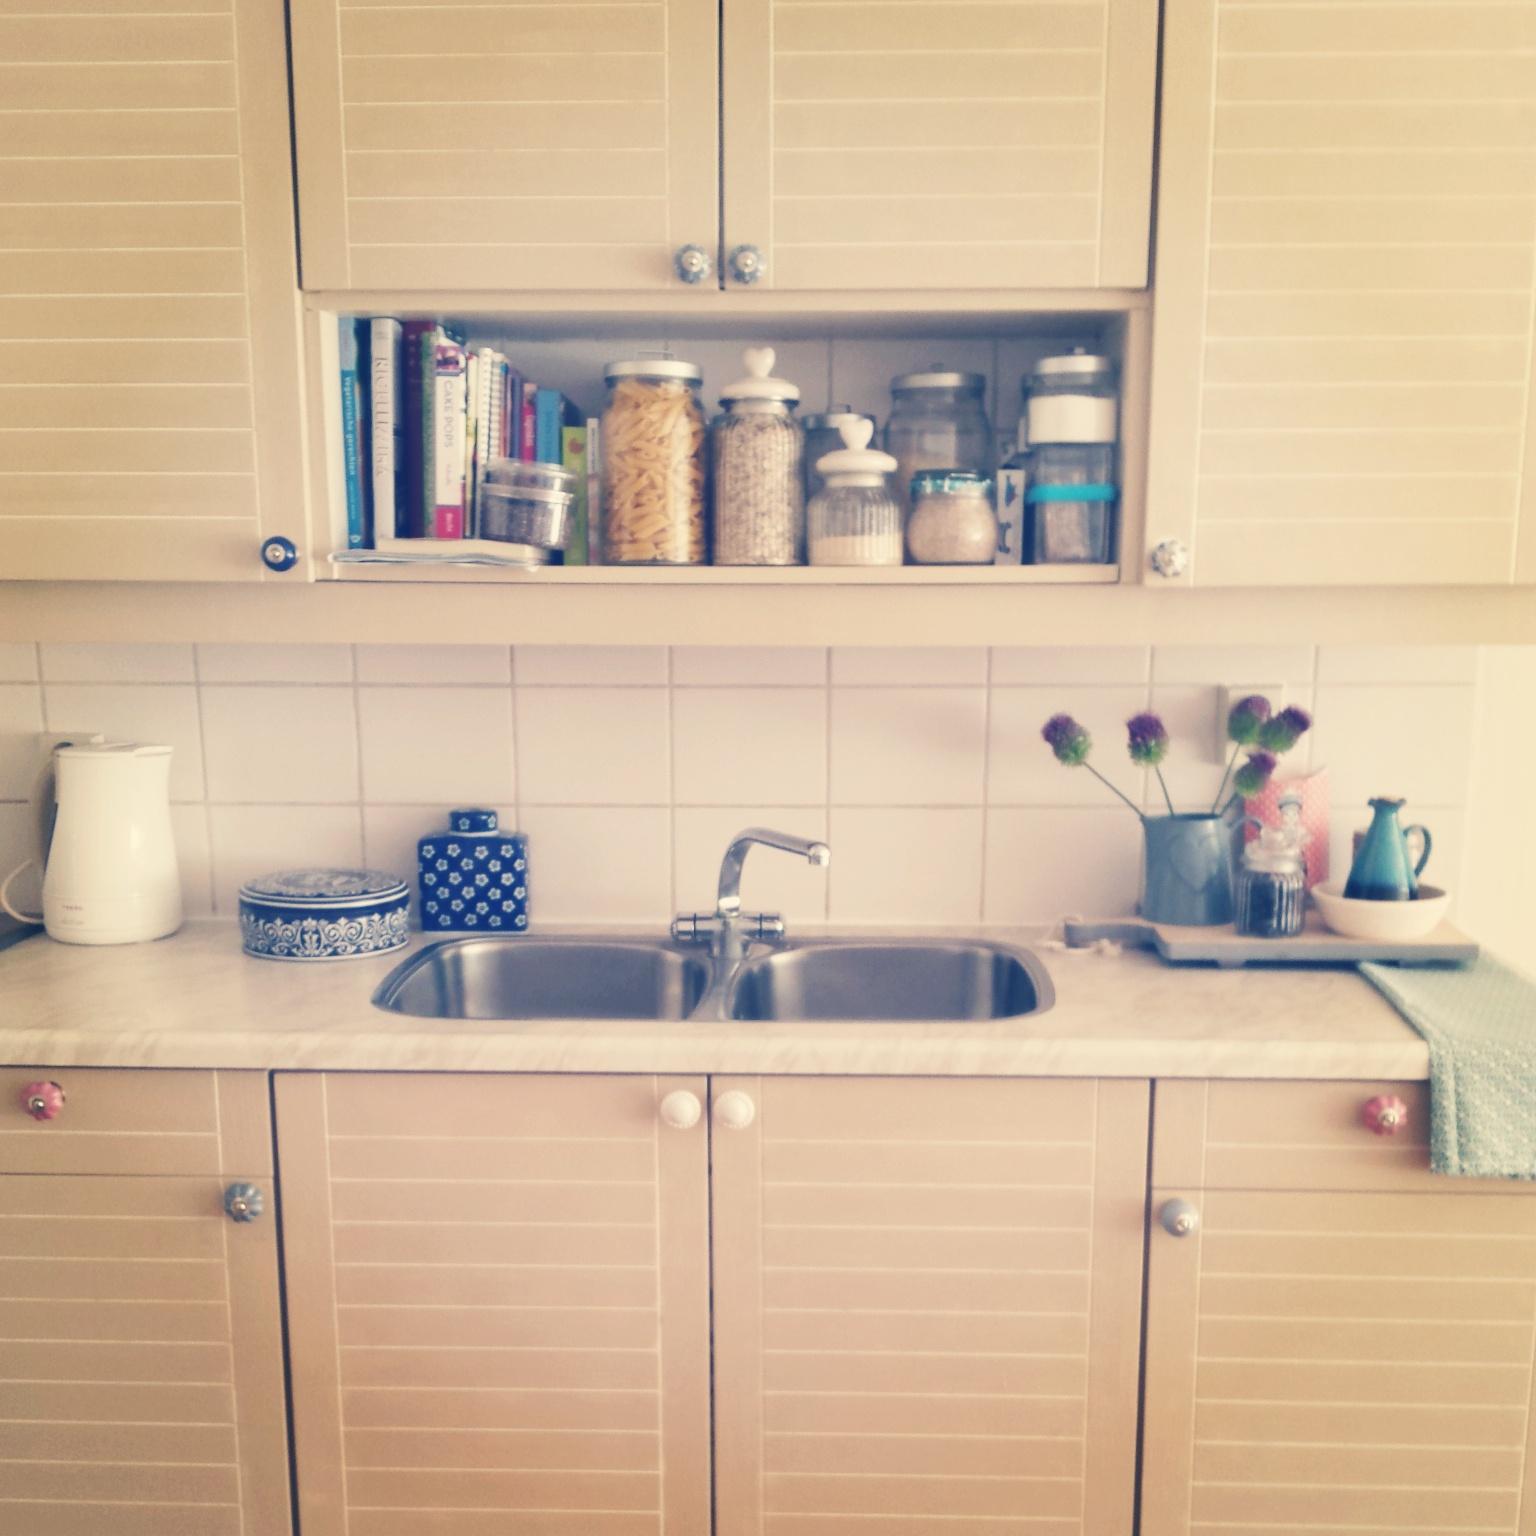 Keuken Deur Knopjes : Zelf doen? Op heel veel plaatsen zijn leuke deurknopjes te vinden